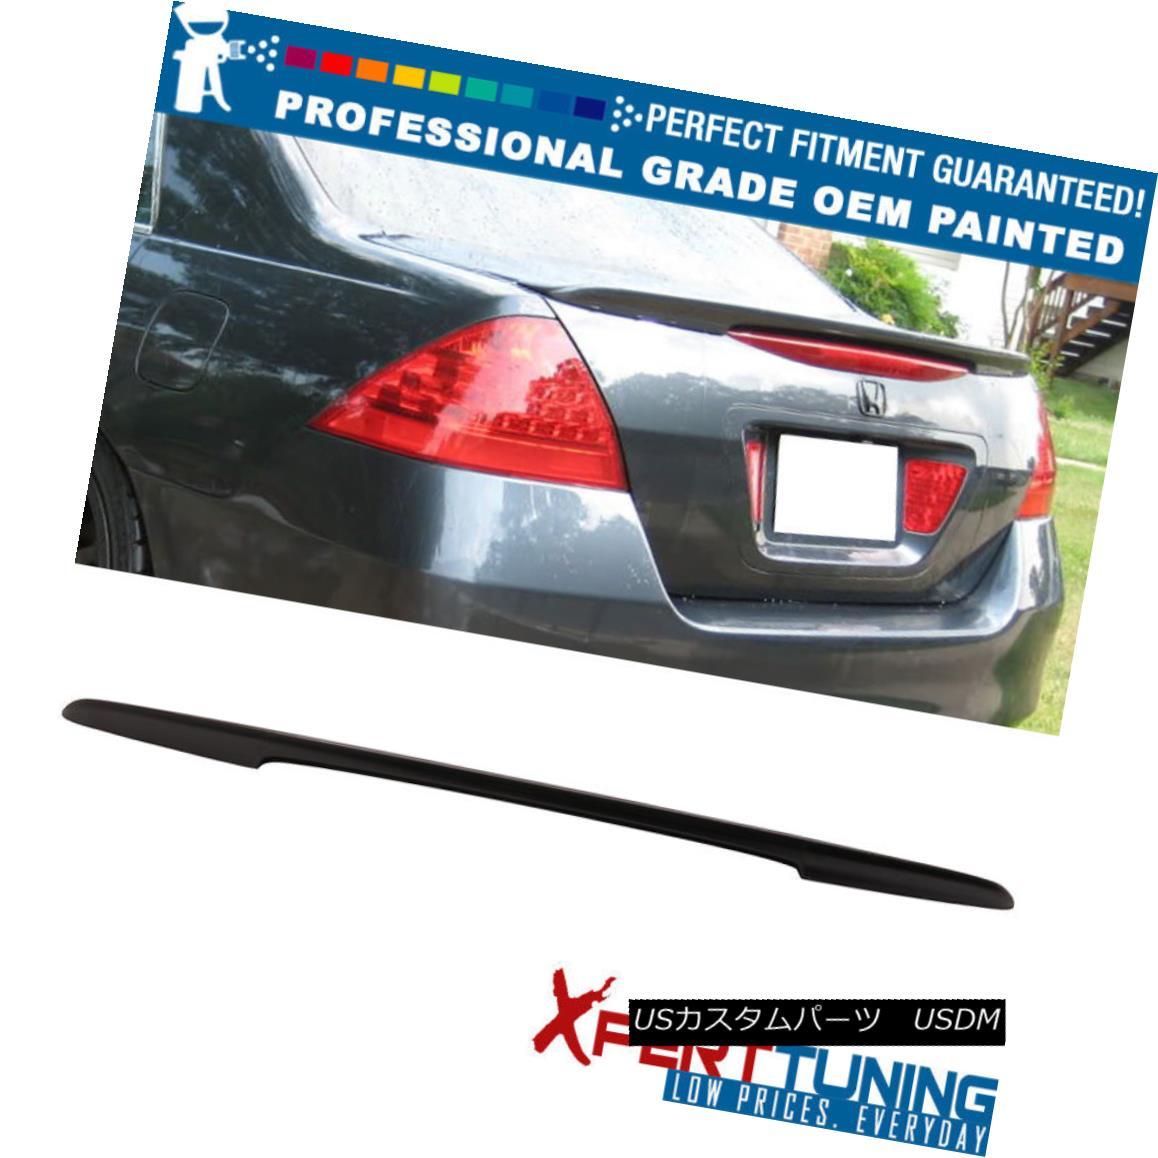 エアロパーツ Fits 06-07 Honda Accord Sedan OE Style ABS Trunk Spoiler - OEM Painted Color フィット06-07ホンダアコードセダンOEスタイルABSトランクスポイラー - OEM塗装カラー